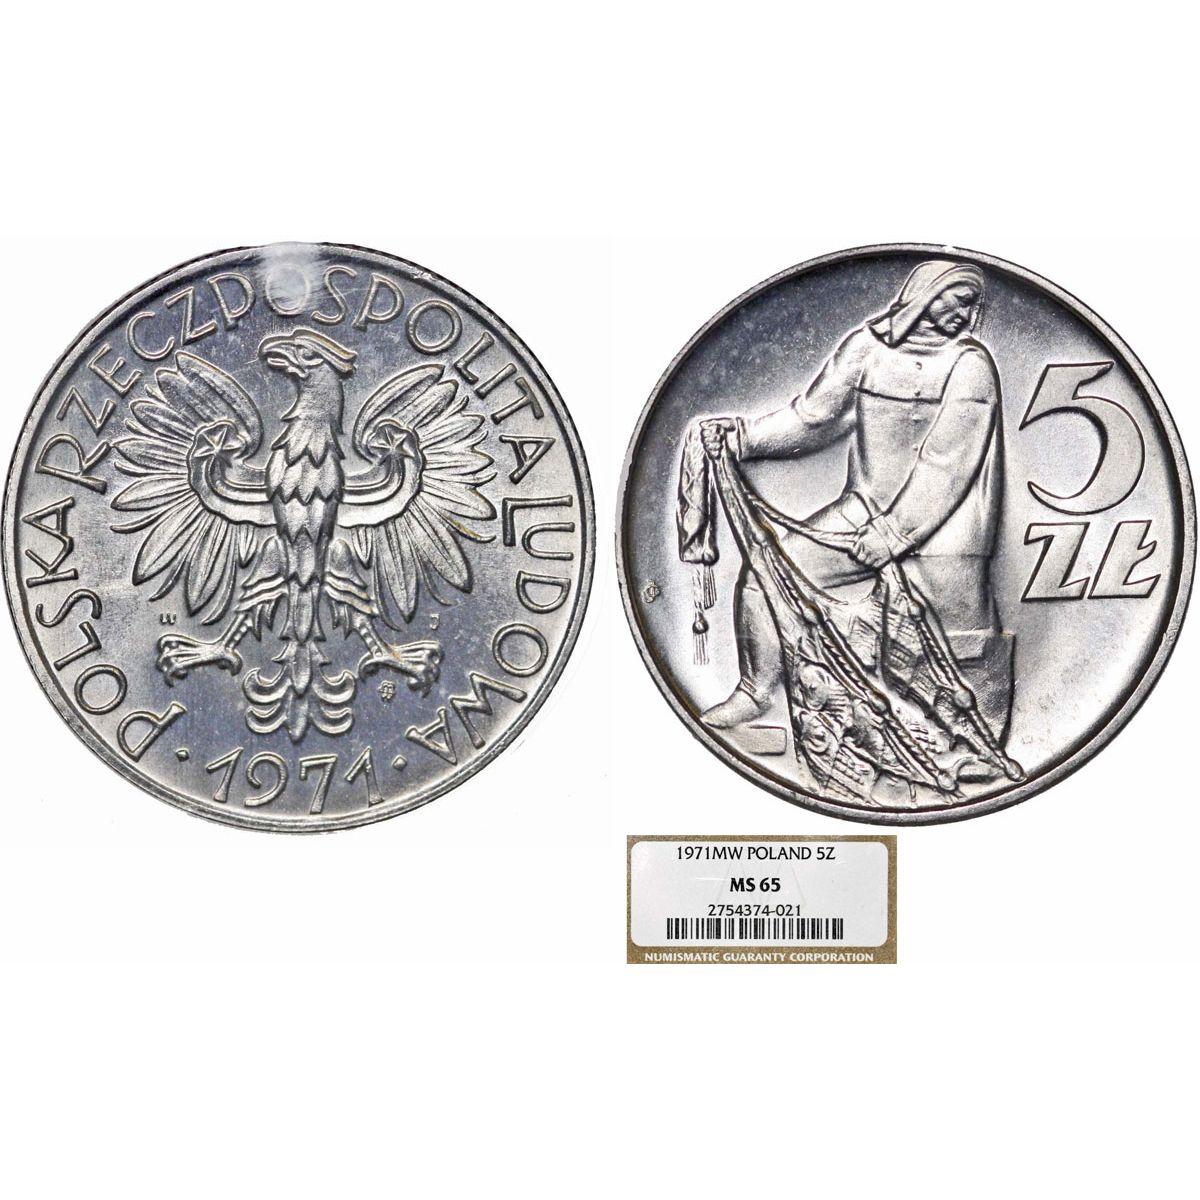 Poland  PRL (1945-1989) Aluminium 5 Zloty 1971 MW